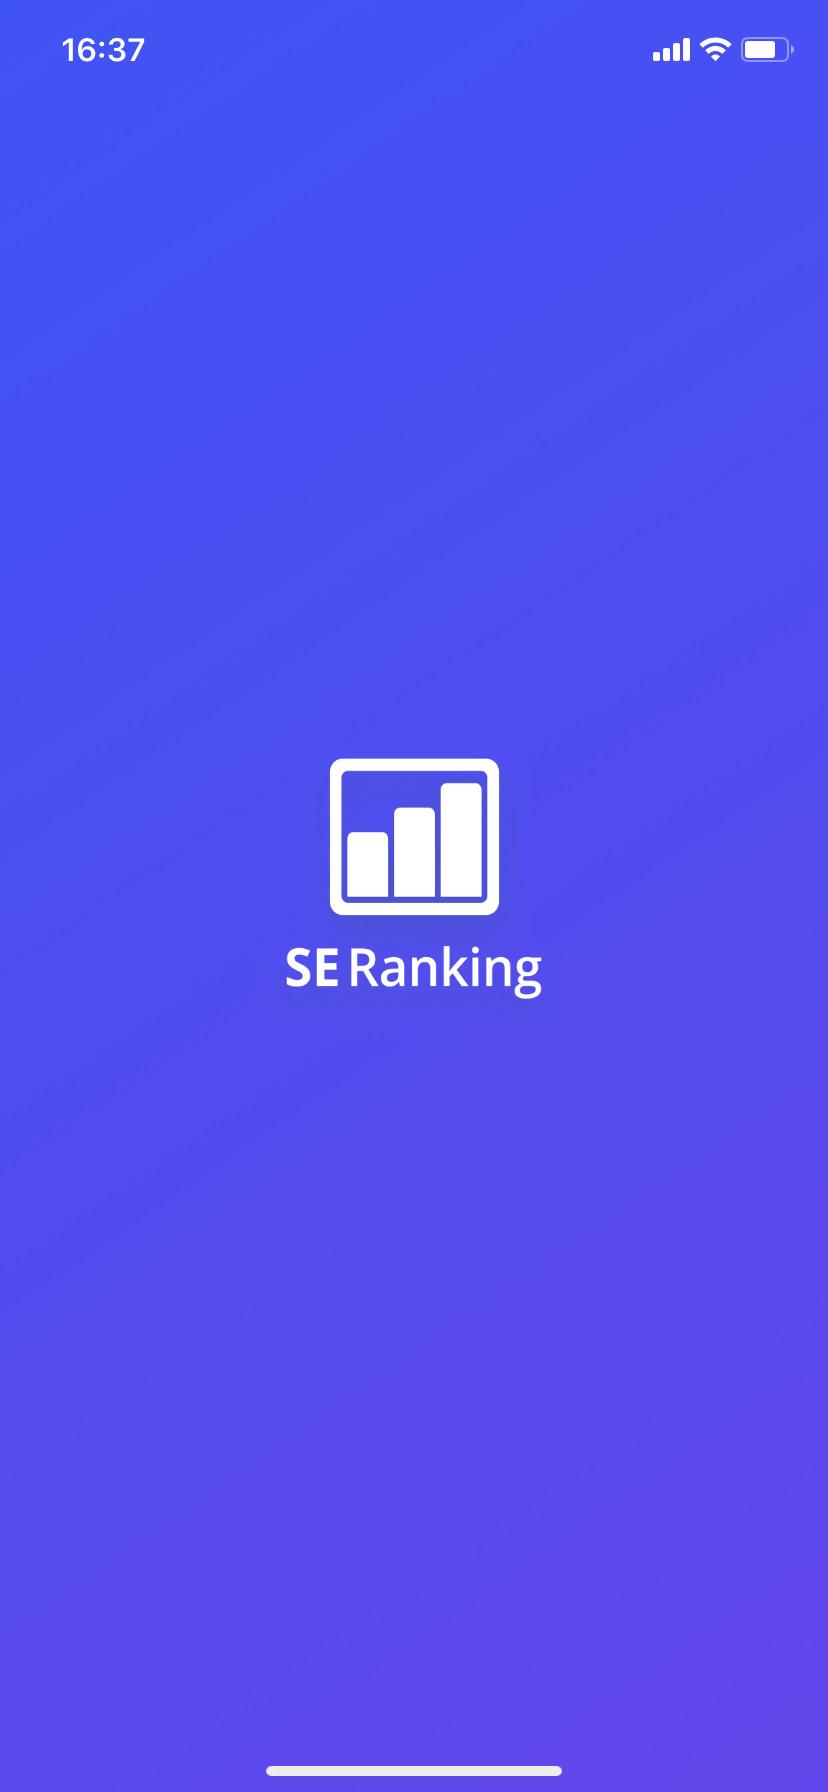 App de SE Ranking